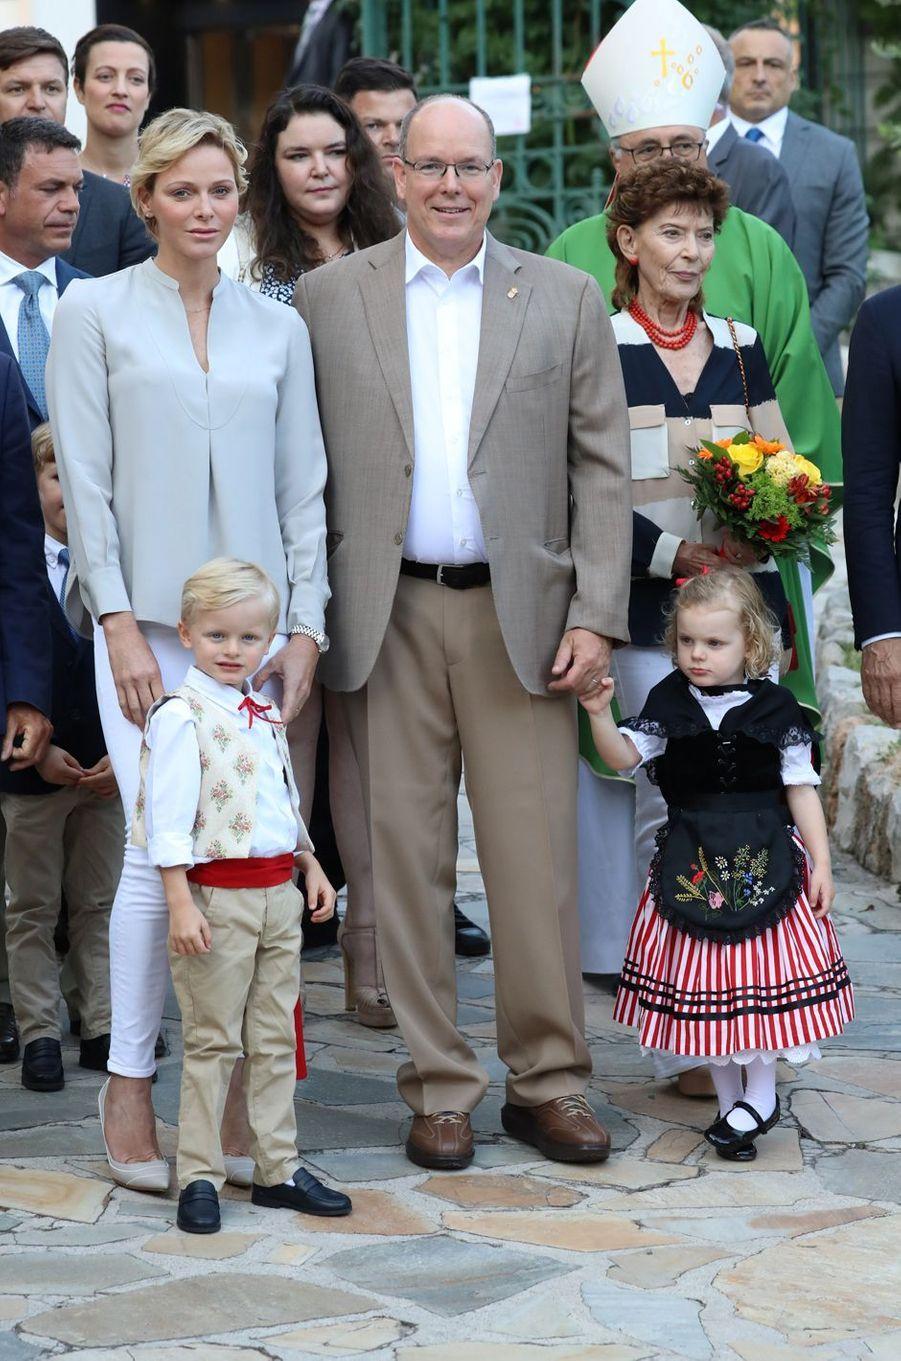 La princesse Charlène et le prince Albert II de Monaco avec leurs jumeaux, à Monaco le 31 août 2018